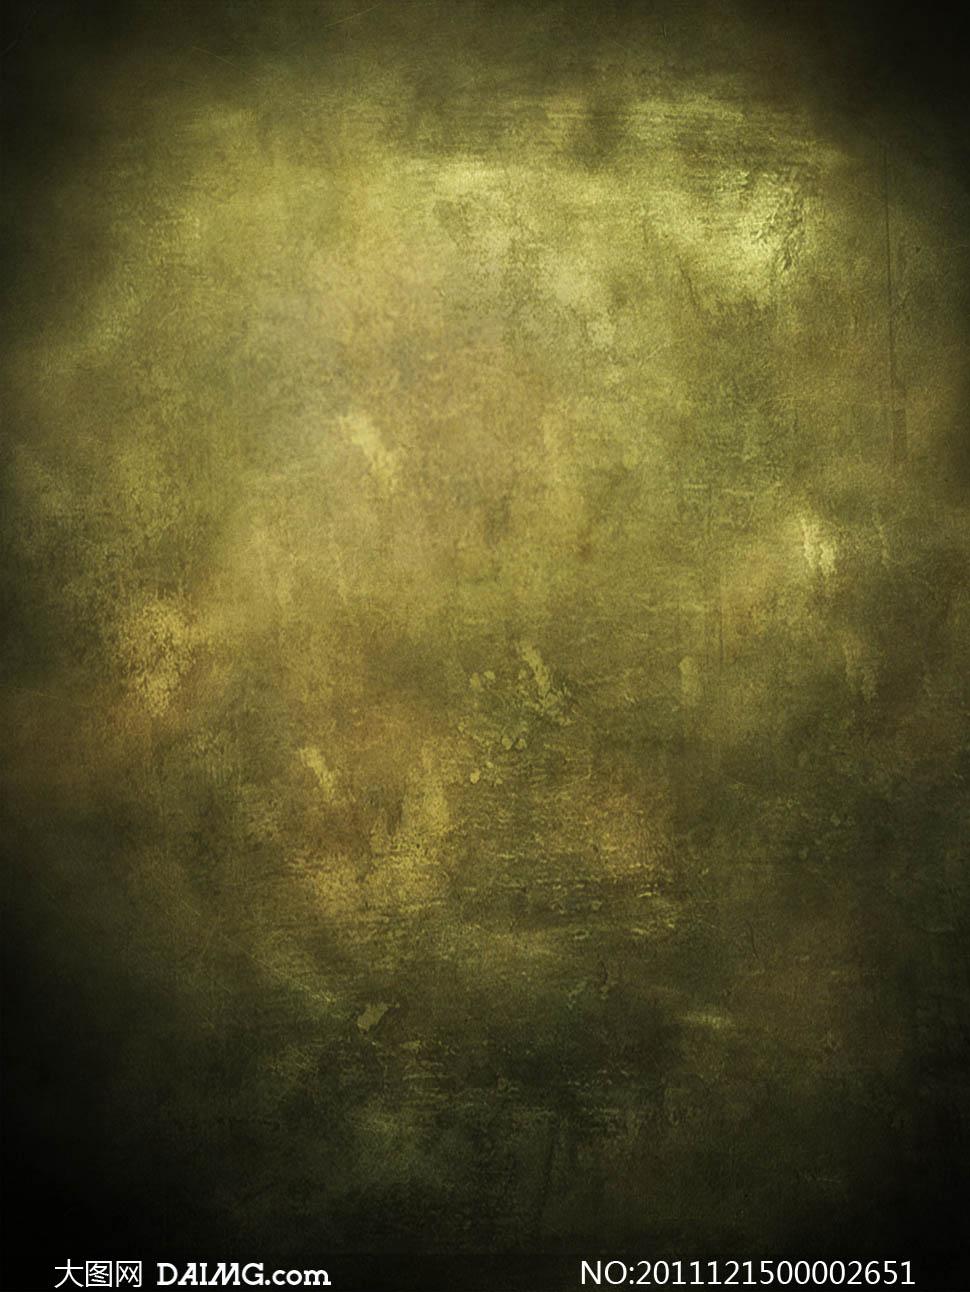 全黄色背景素材-ps暗黄背景图素材 _感人网